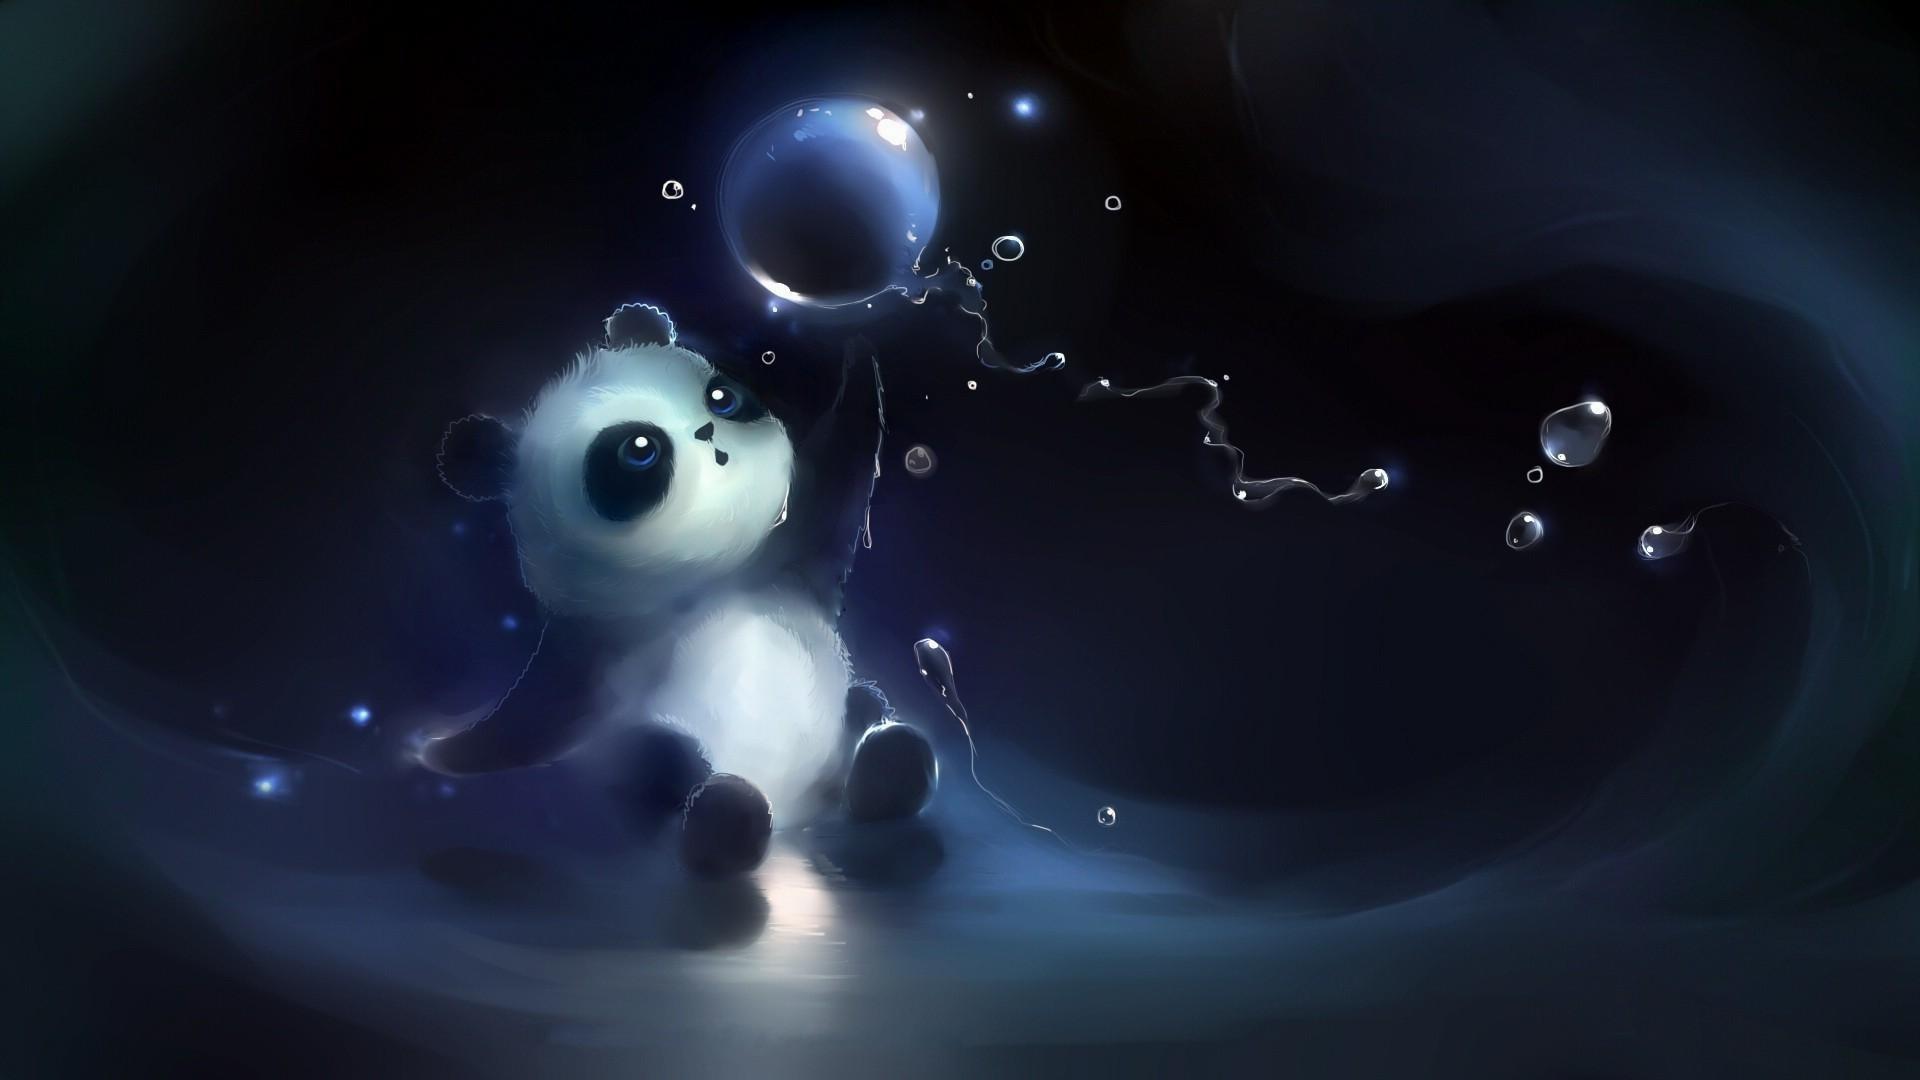 wallpaper.wiki-Cute-Panda-Wallpapers-HD-Tumblr-PIC-